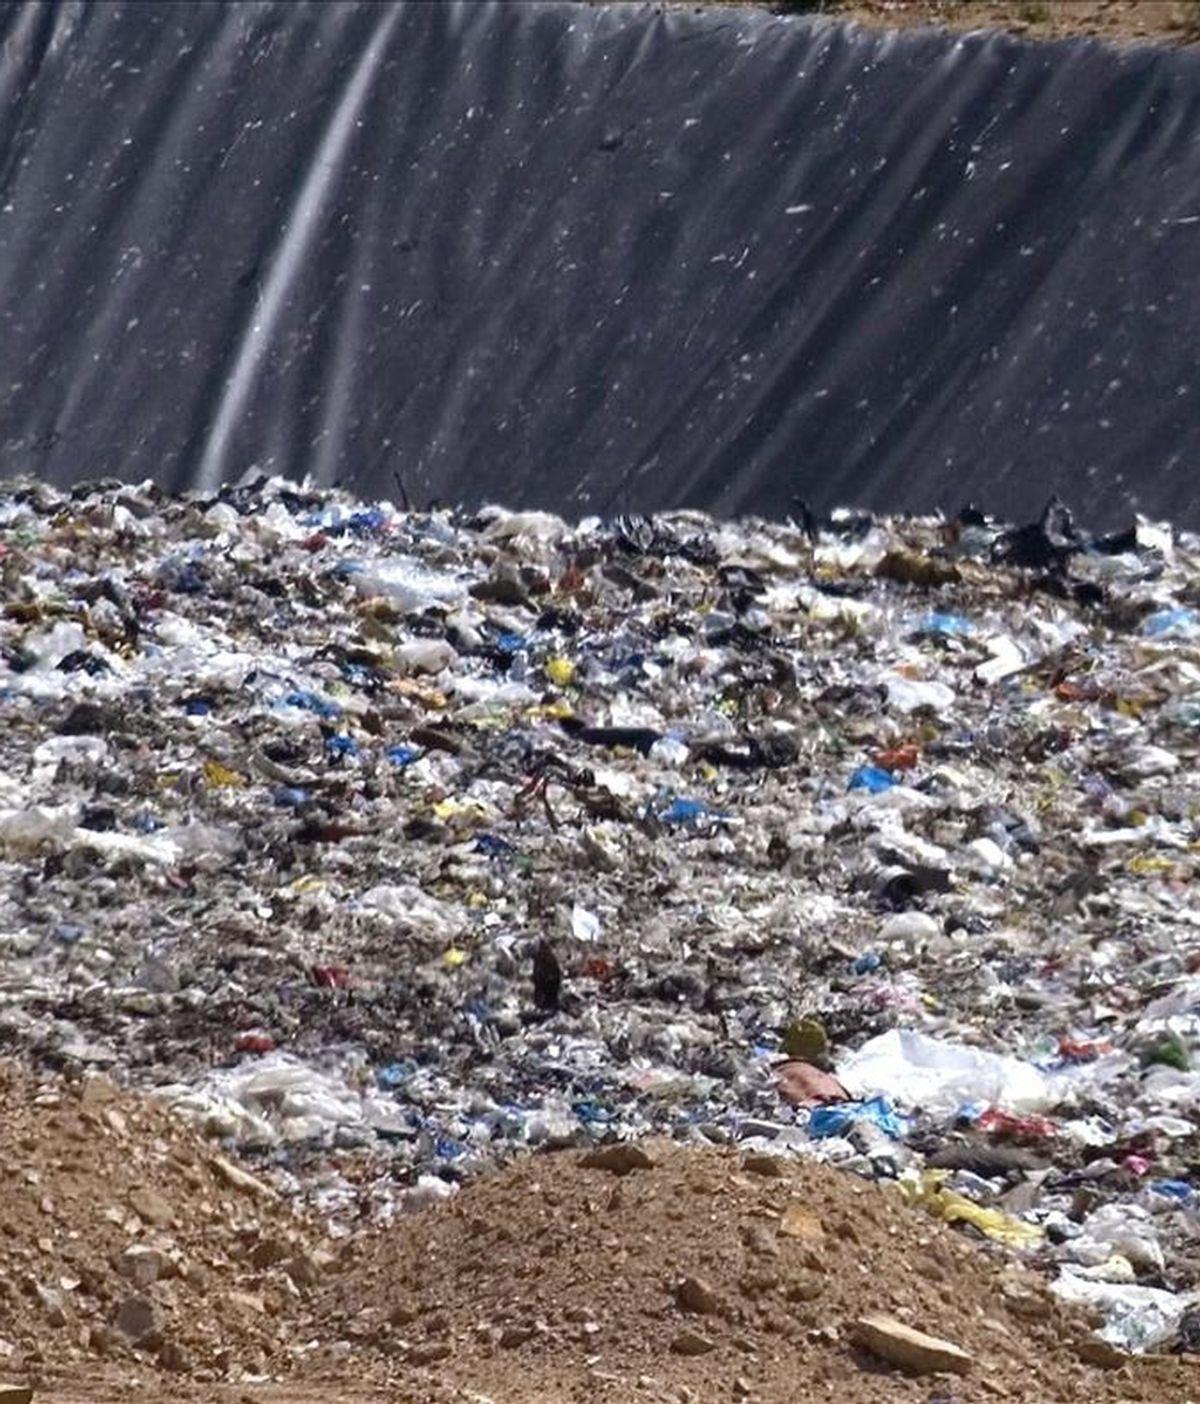 A pesar de las tasas de recuperación de materiales como el papel y el vidrio, más del 50% de los residuos urbanos acaba en los vertederos y la cantidad de basura generada por los españoles continua superando con creces a la media europea. EFE/Archivo